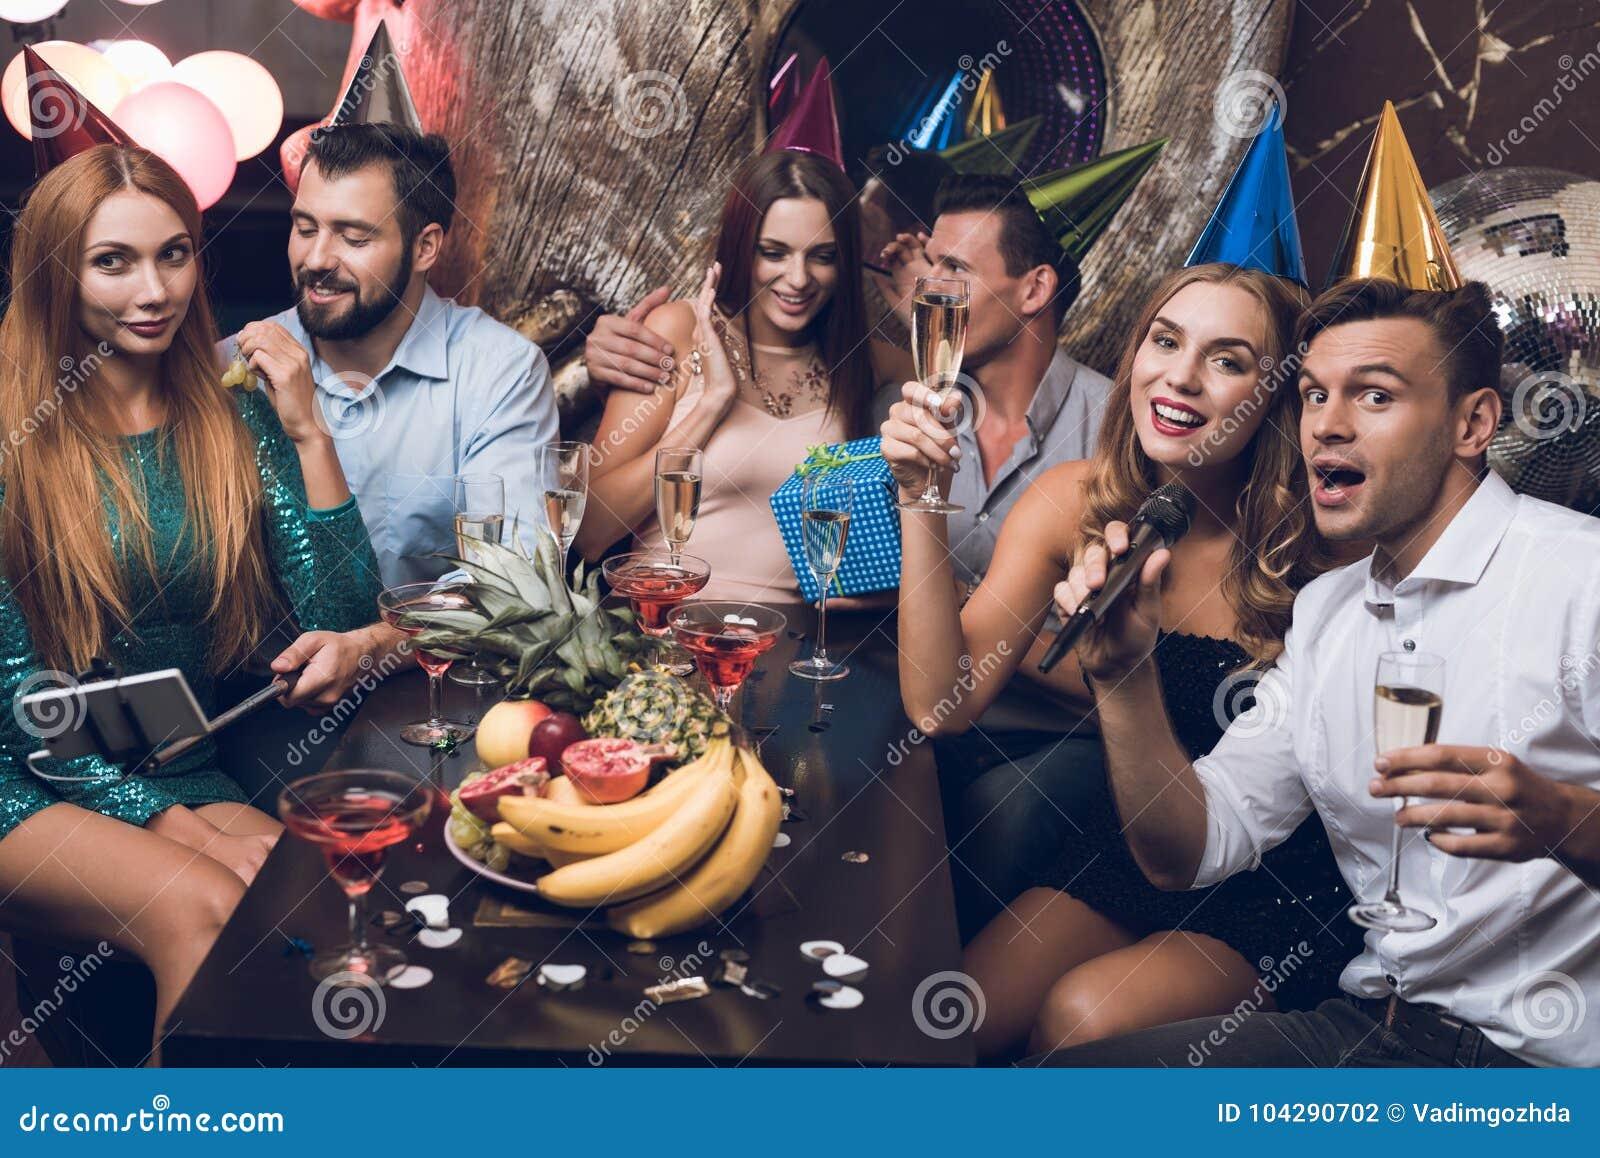 Ночной клуб парни ночные волки клуб видео